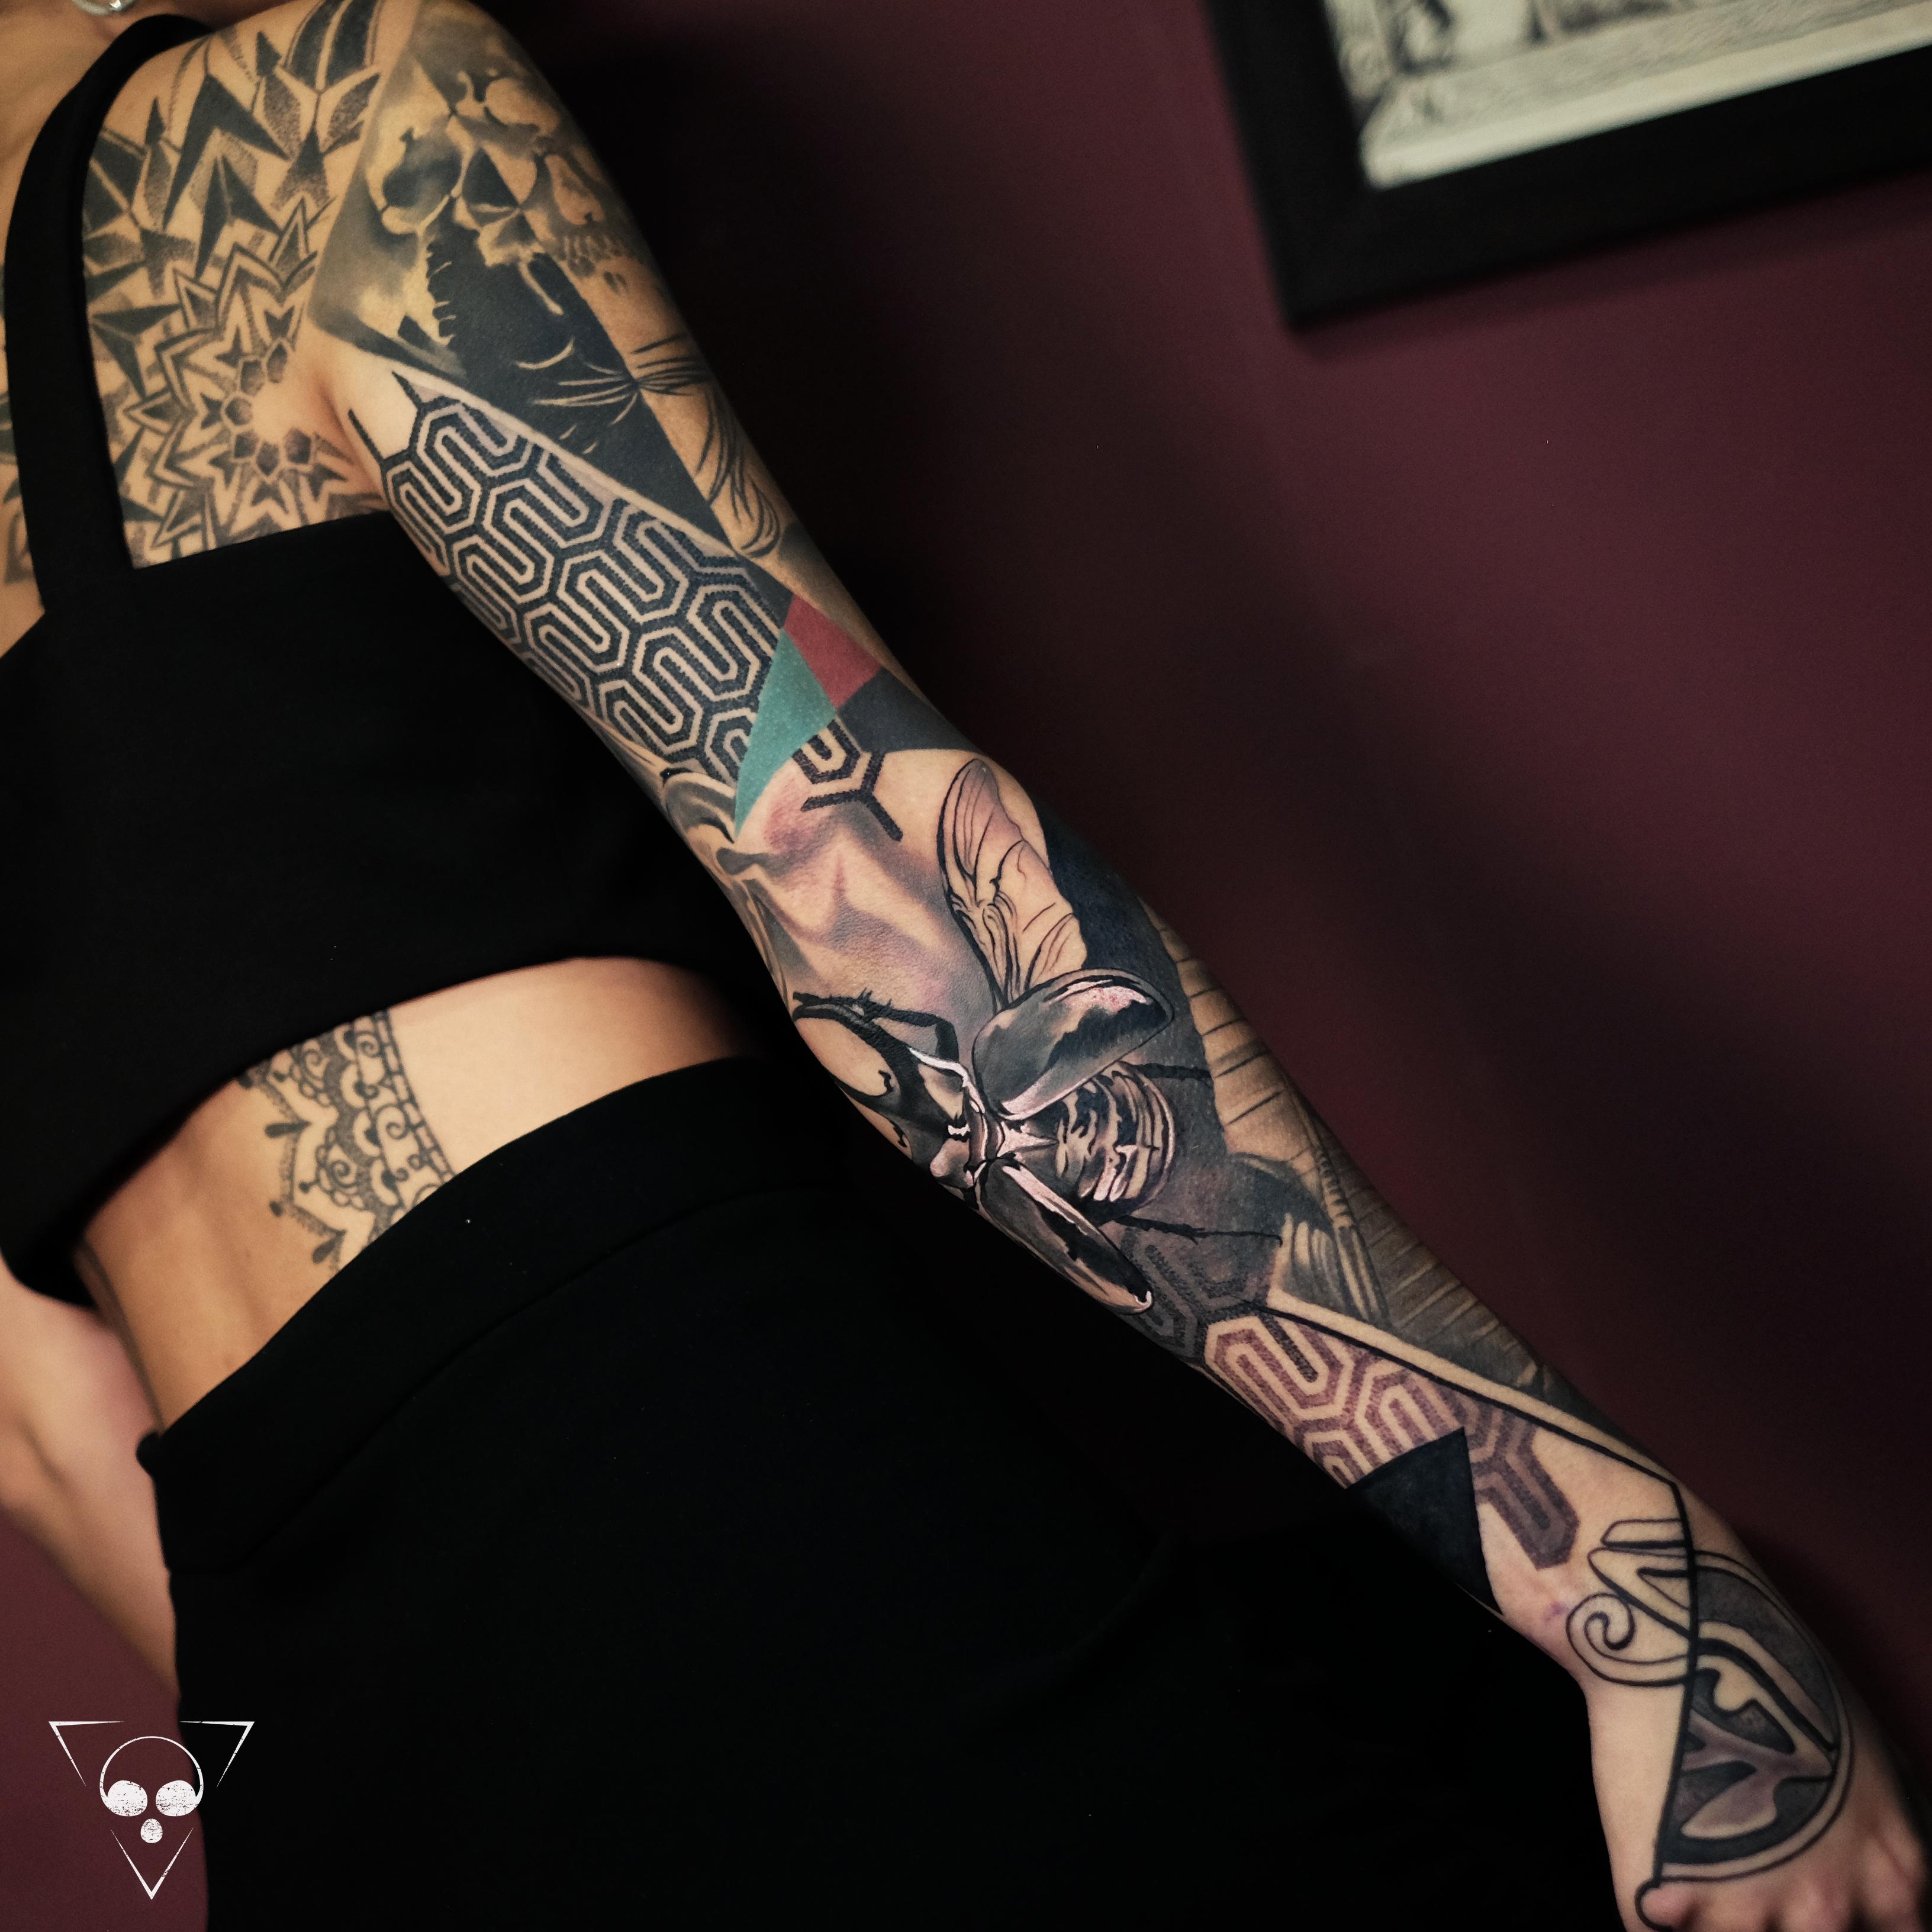 Genial Tattoo Männer Unterarm Beste Wahl Beste - Tattoos   Tattoo-bewertung.de   Lass